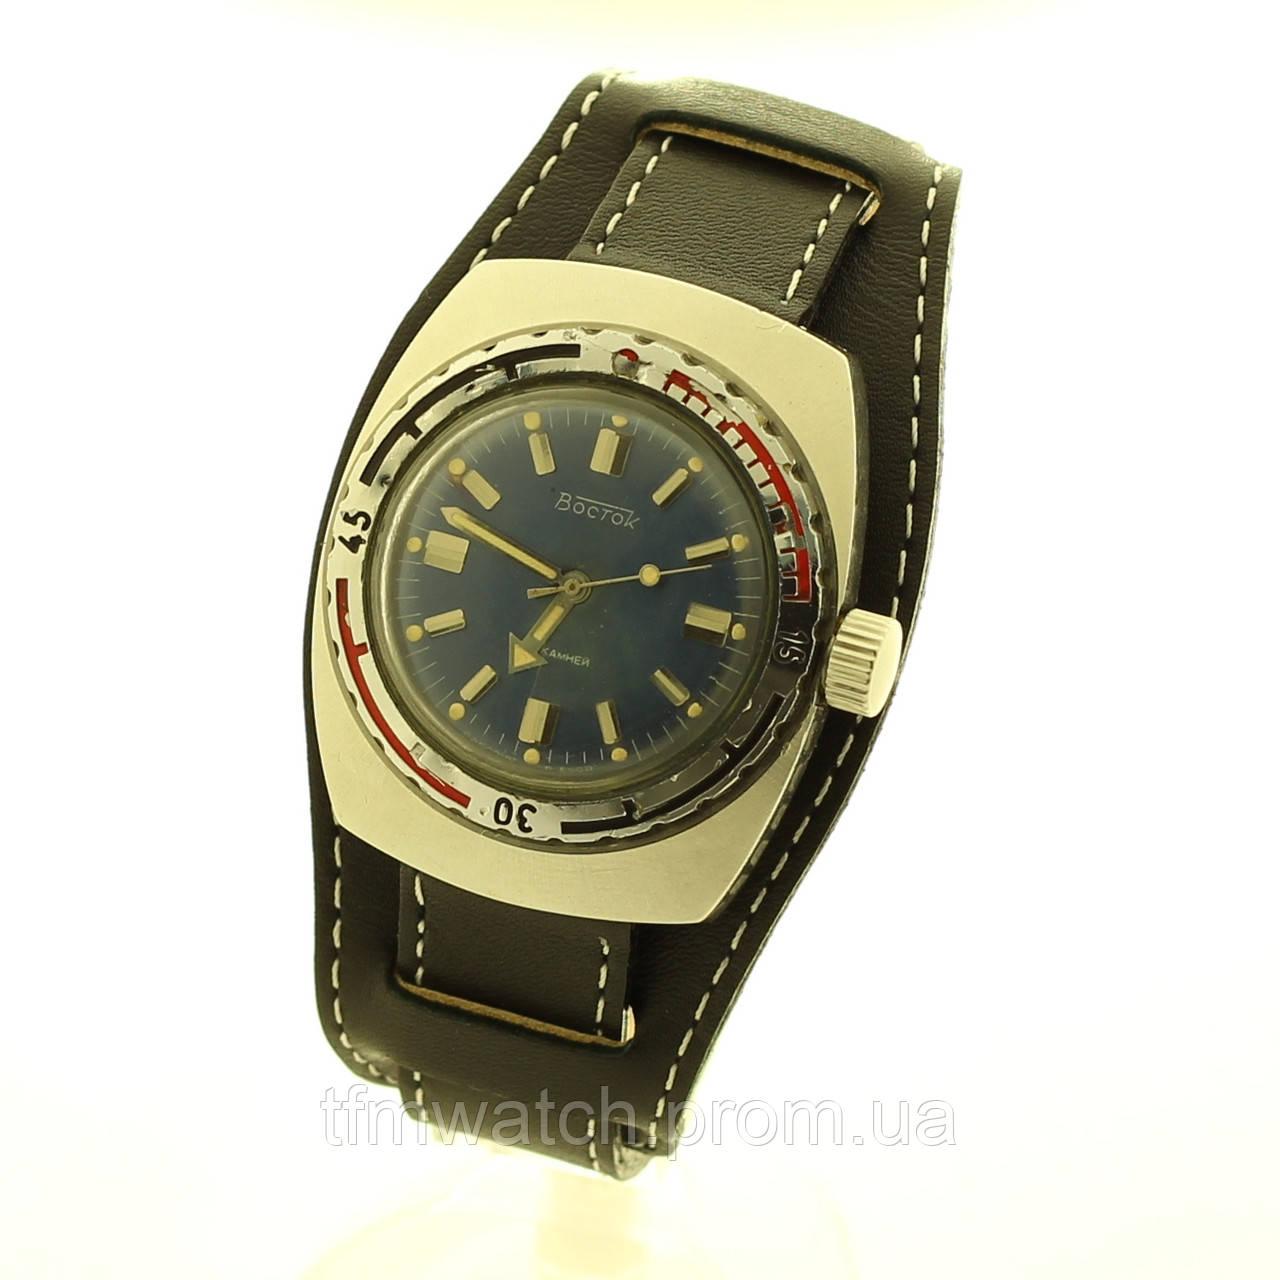 Купить старые часы восток амфибия армейские часы amst оригинал купить в